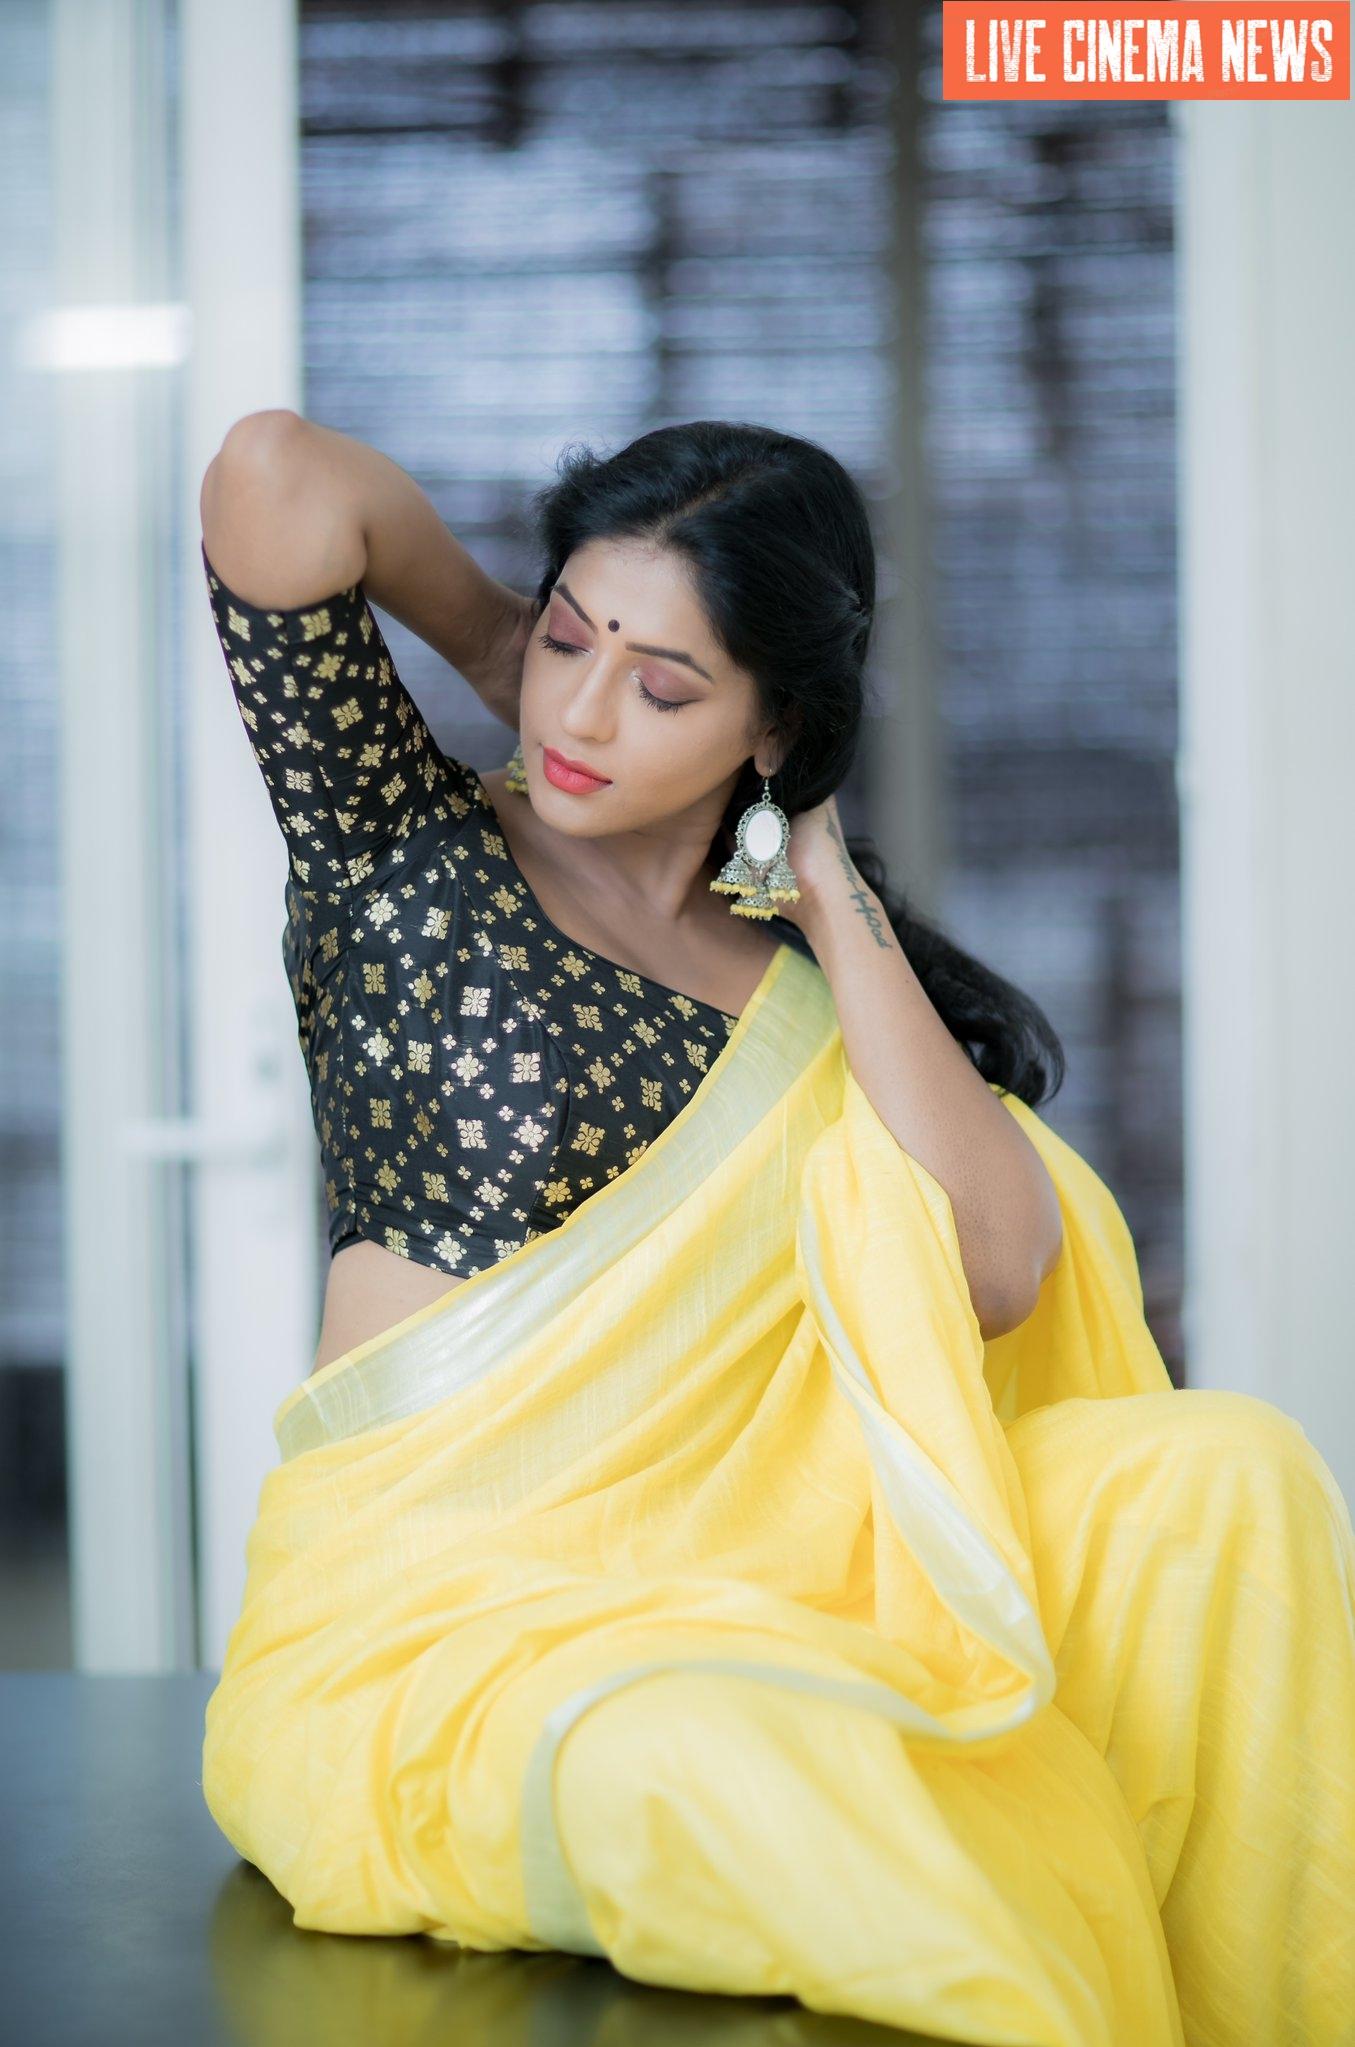 நடிகை ரேஷ்மாவின் அழகிய புகைப்படம்